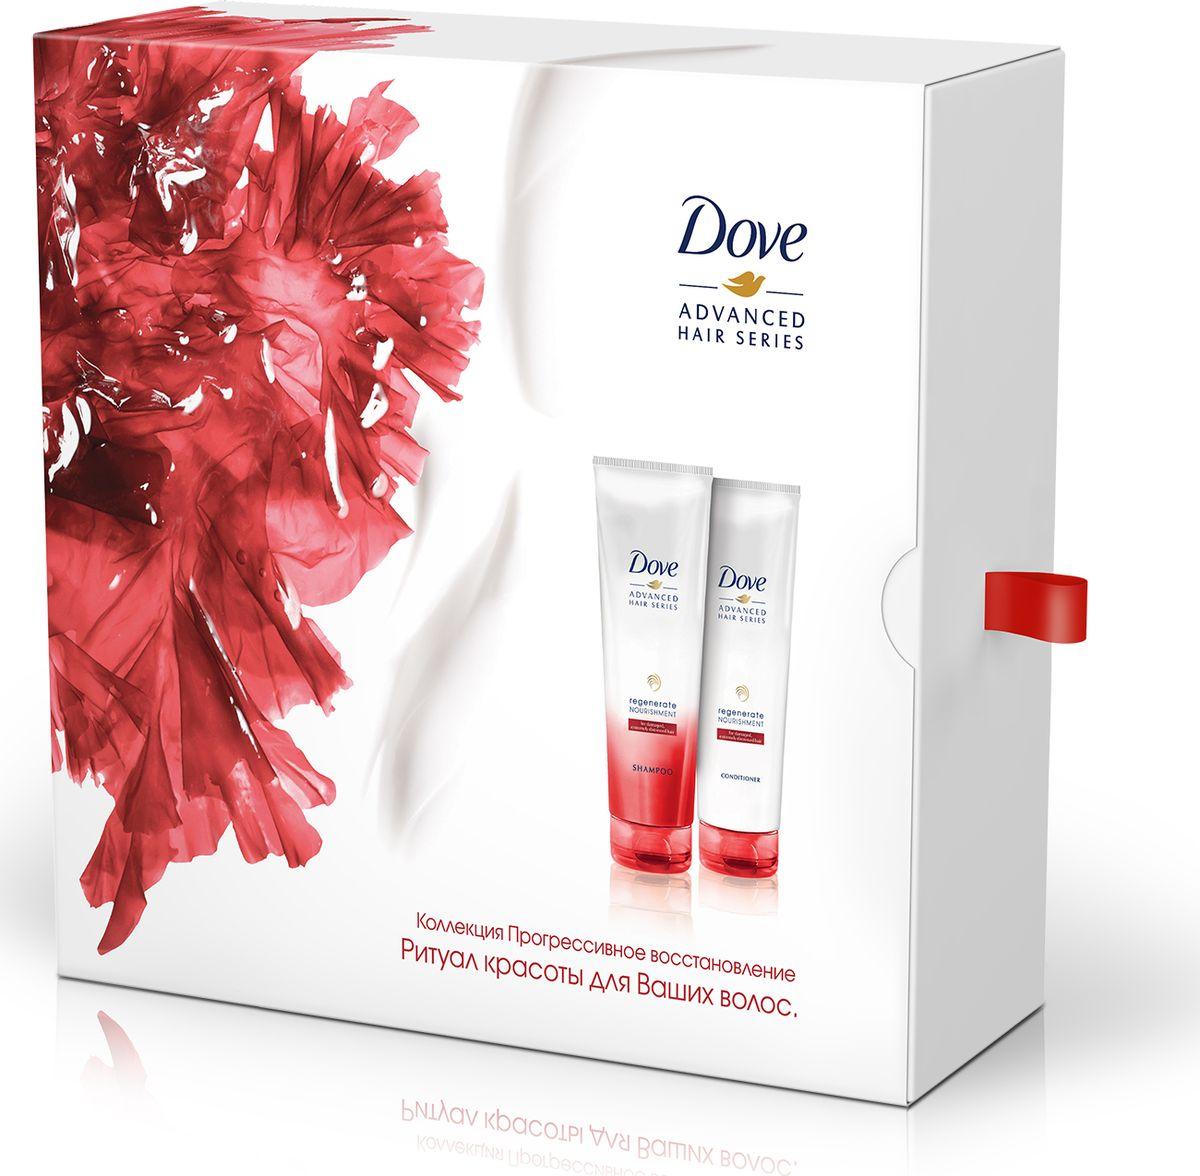 Подарочный набор Dove коллекция прогрессивное восстановлениеPRN32800Питающий шампунь Dove Advanced Hair Series Прогрессивное восстановление 250 мл, кондиционер для волос Dove Advanced Hair Series Прогрессивное восстановление 250 мл.Экспертная программа по уходу за волосами Dove Прогрессивное восстановление возвращает поврежденным и ослабленным волосам первозданную красоту. Комплекс средств, разработанных на основе уникальной* формулы Red Algae+Keratin Nutri Complex**, питает волосы, возвращая им первоначальную гладкость и силу! *в продукции Unilever **красные водоросли + комплекс питательных кератинов